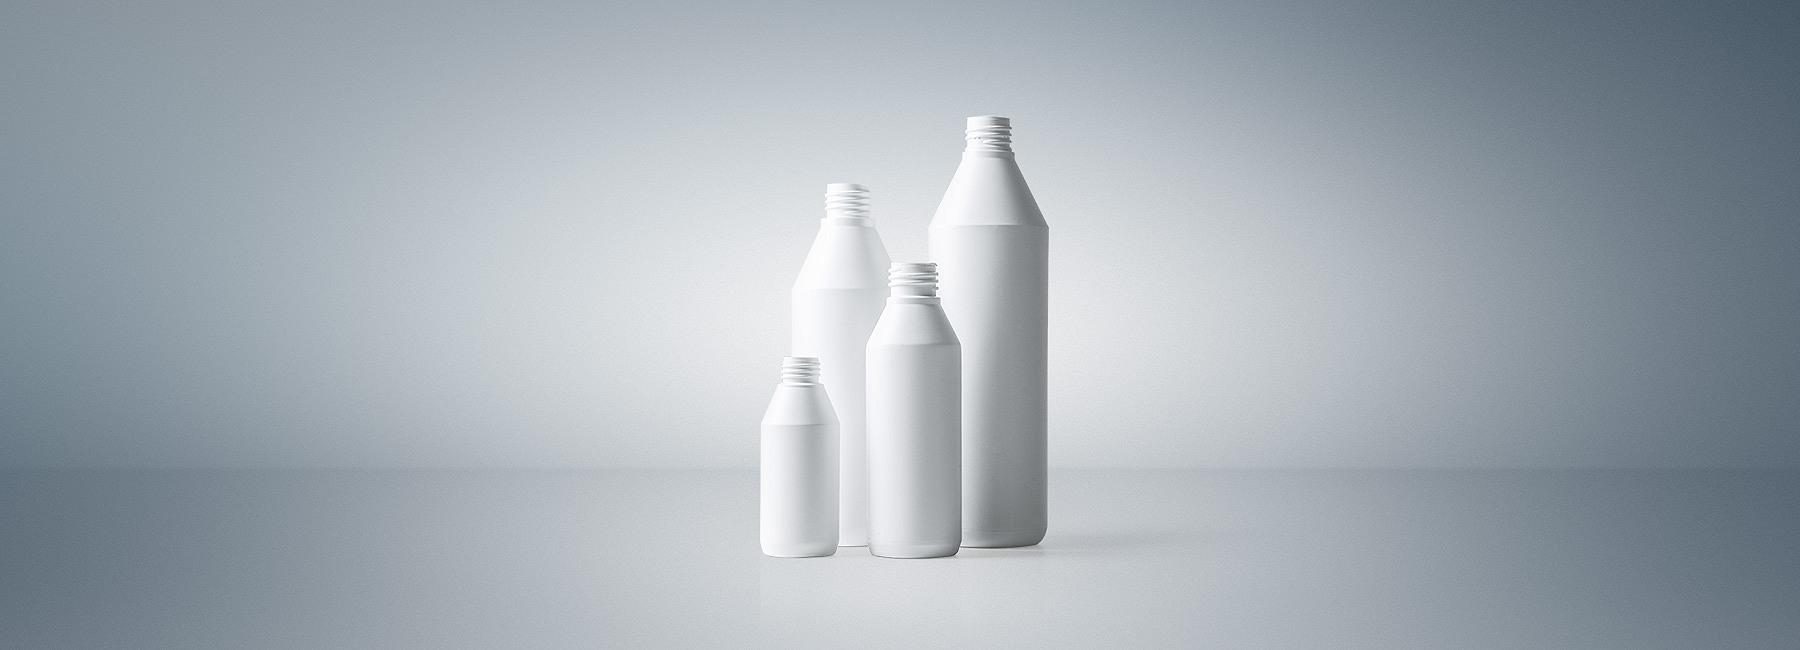 Produkt white 1